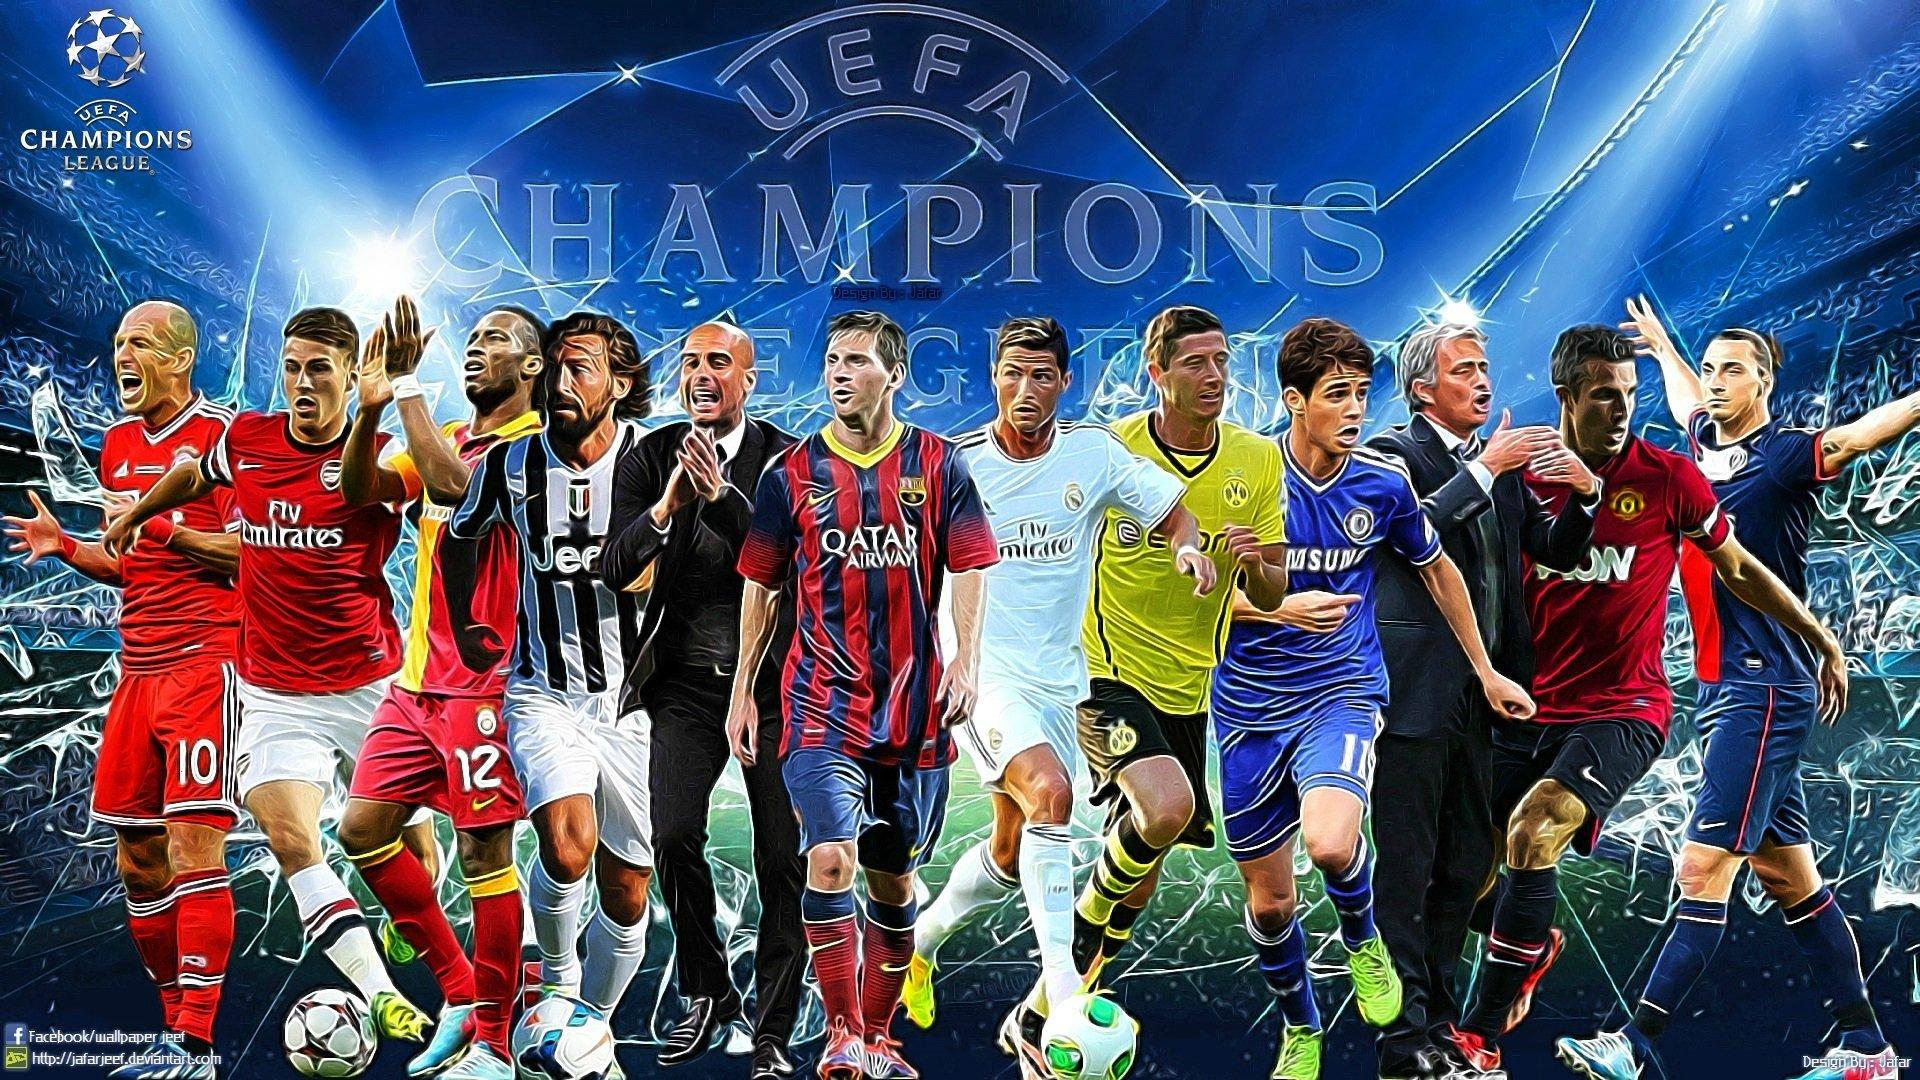 Hasil gambar untuk uefa championship players hd images